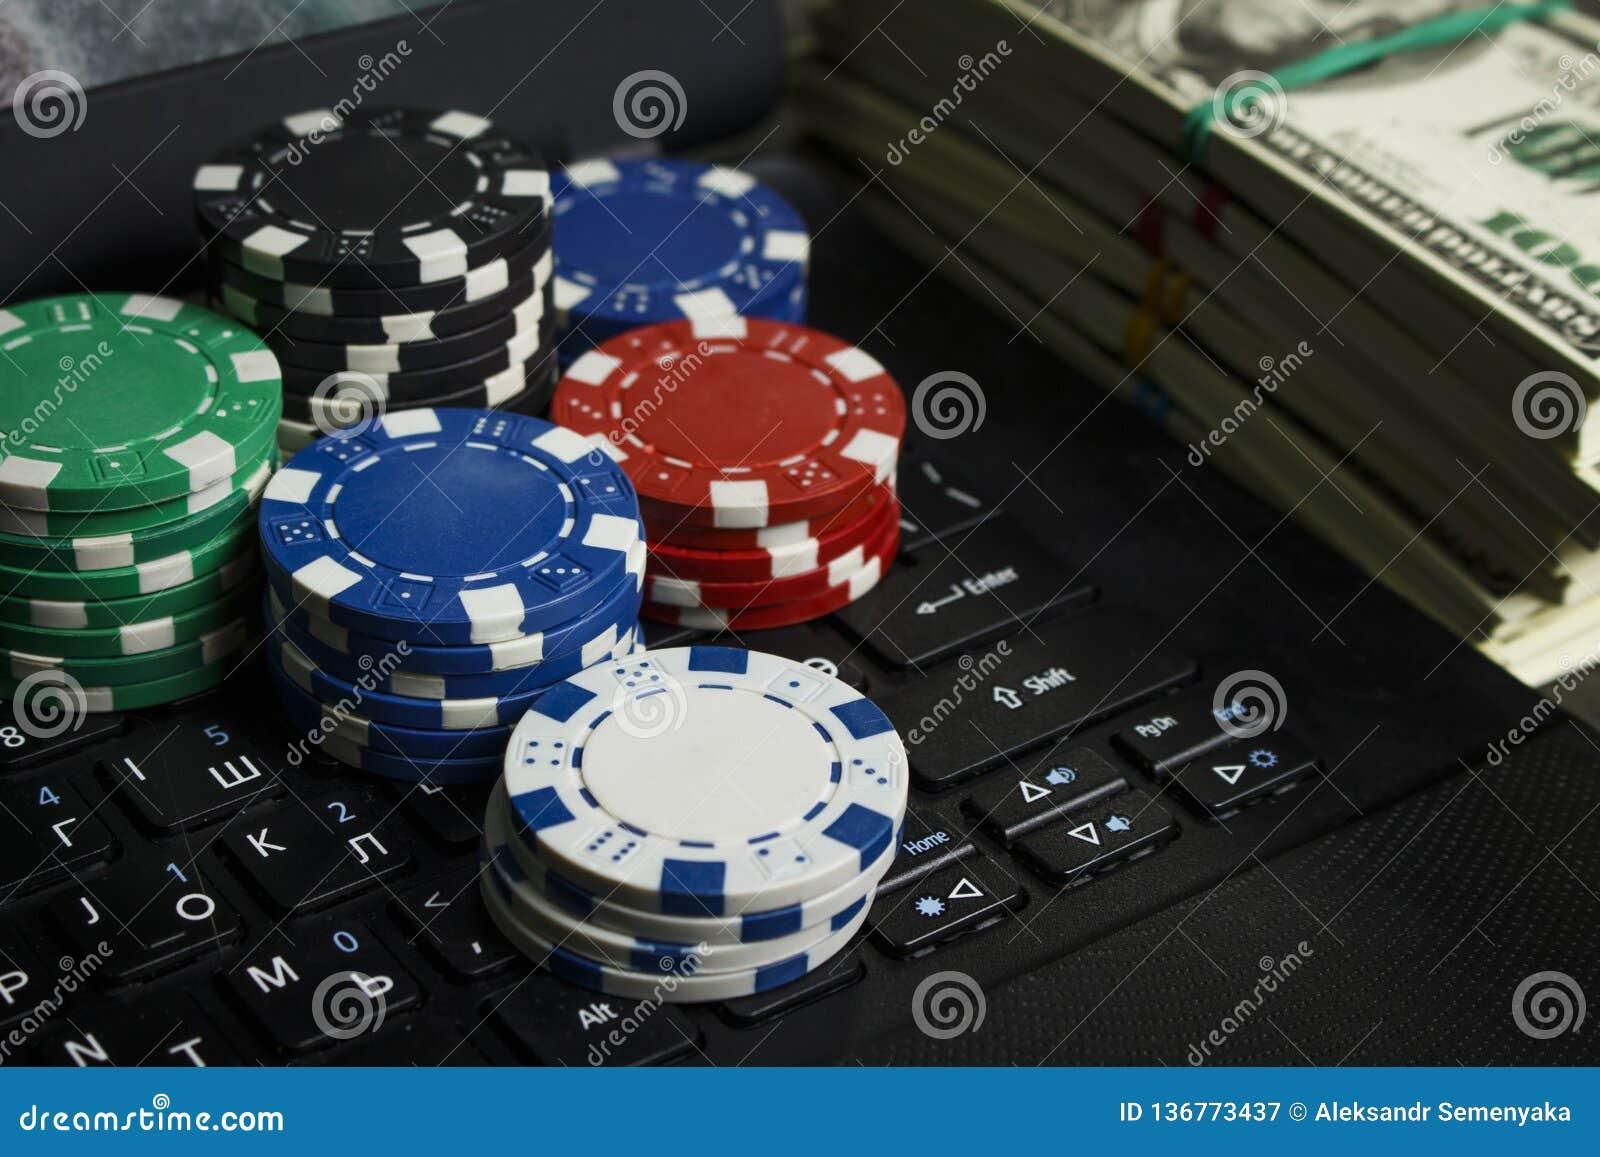 Jetons de poker et paquets de dollars sur un ordinateur portable